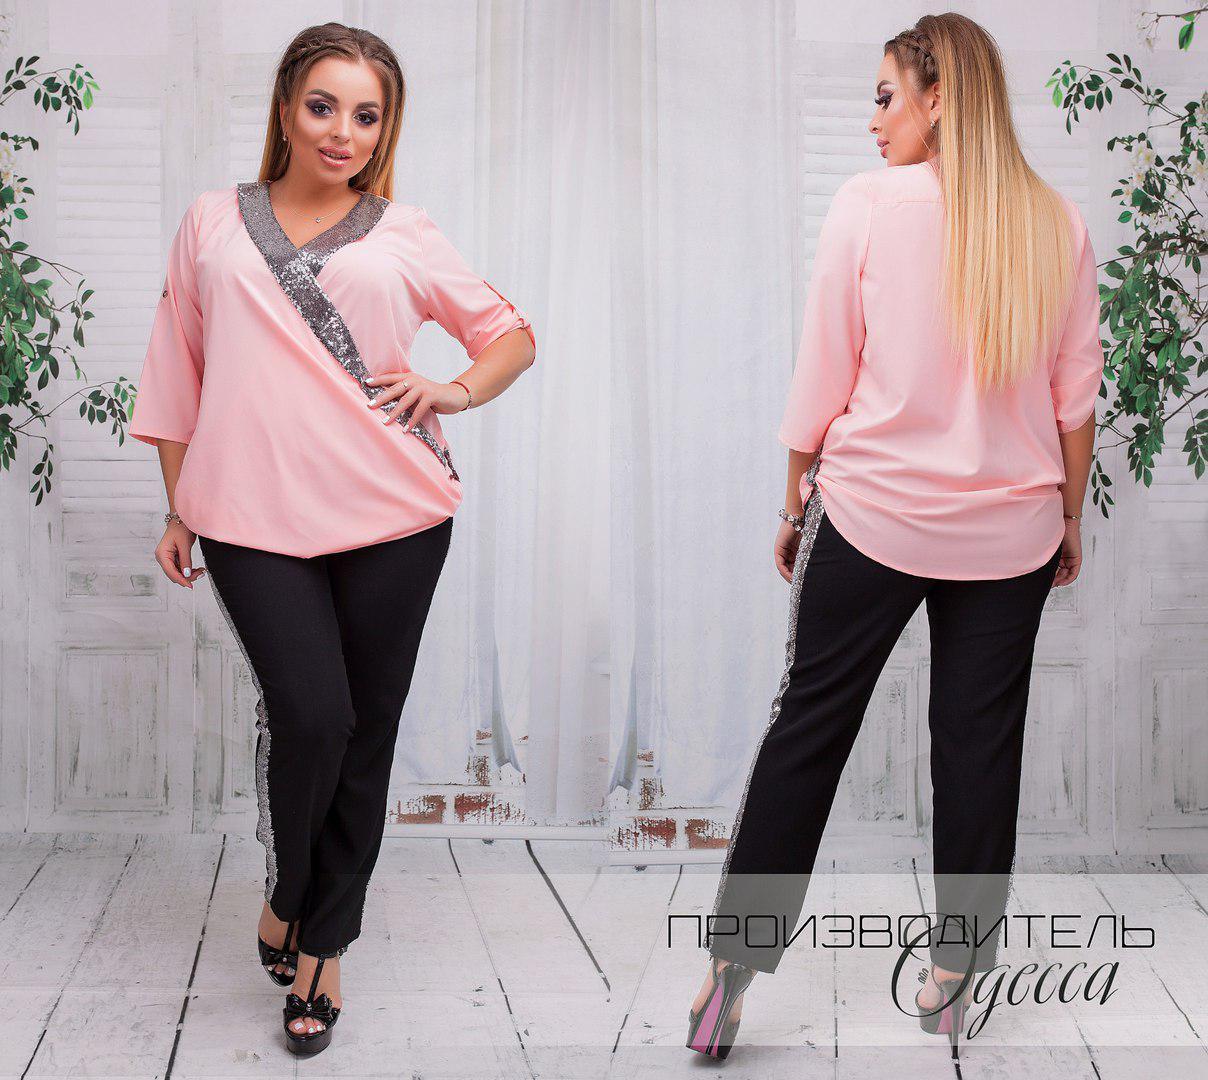 Элегантный комплект - больших размеров 48+ блузка и брюки украшен пайеткой / 3 цвета арт 5043-527